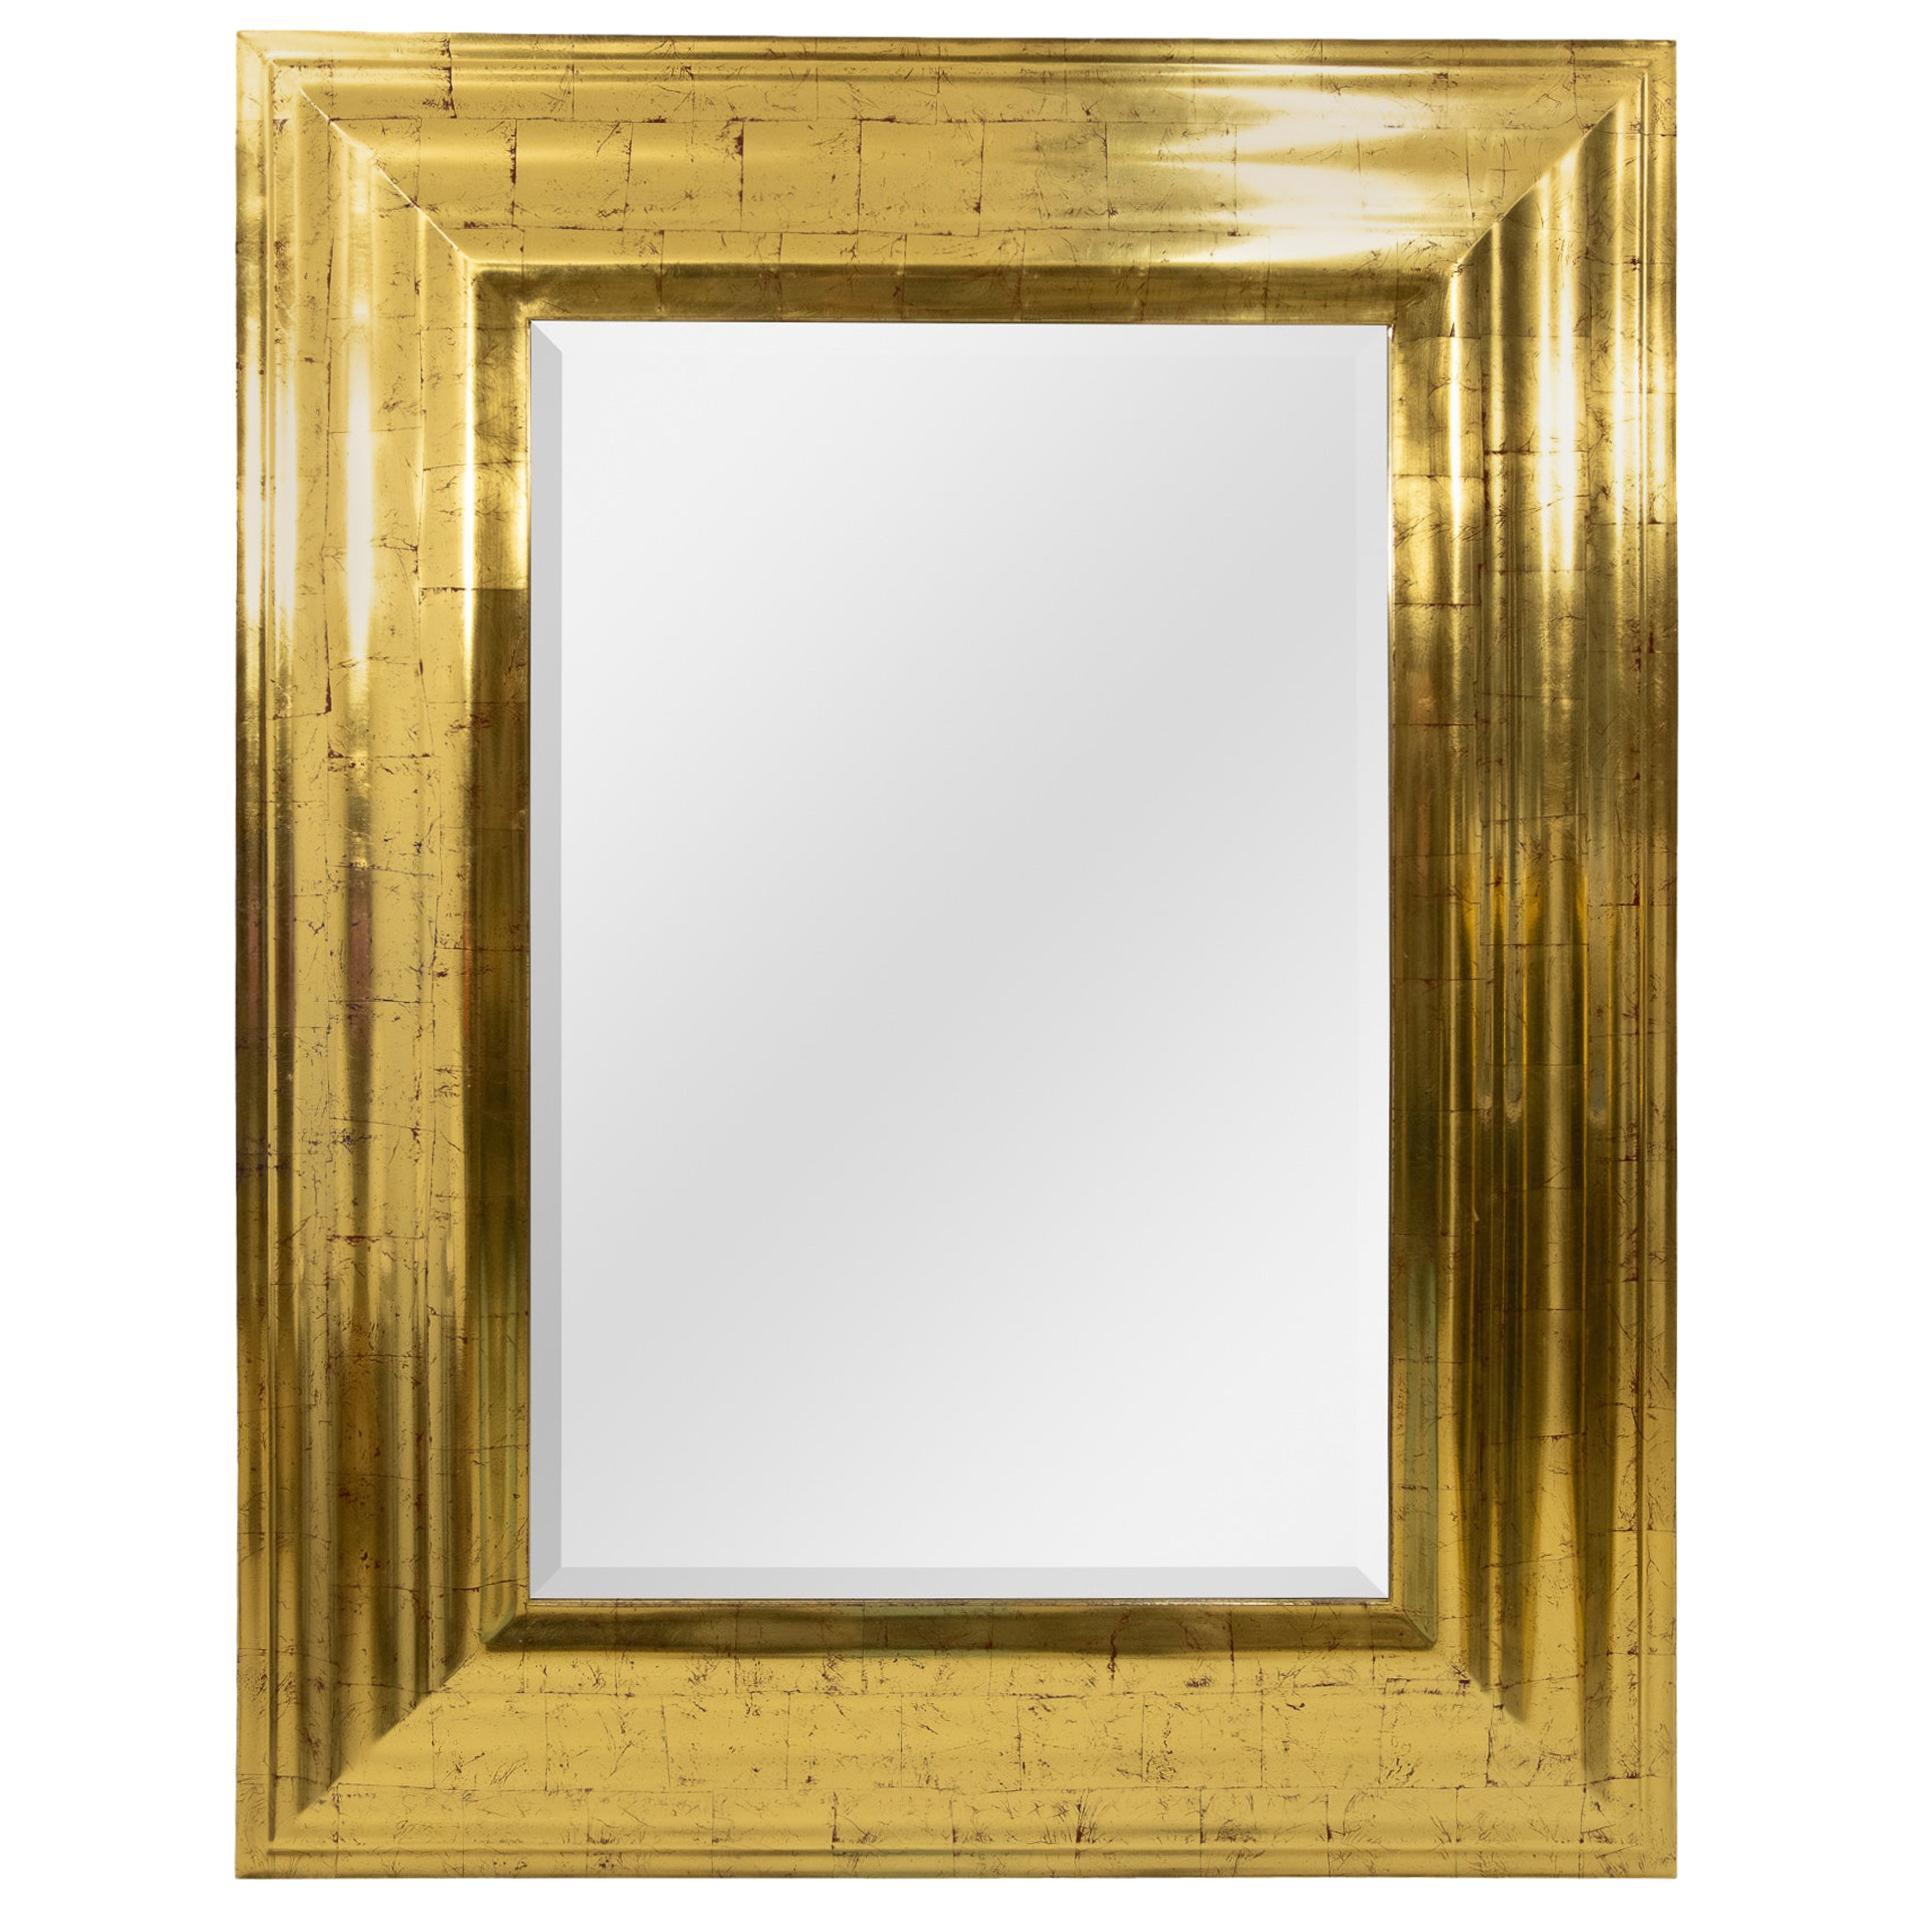 Deknudt Gold Wall Mirror, Regency, 1970s